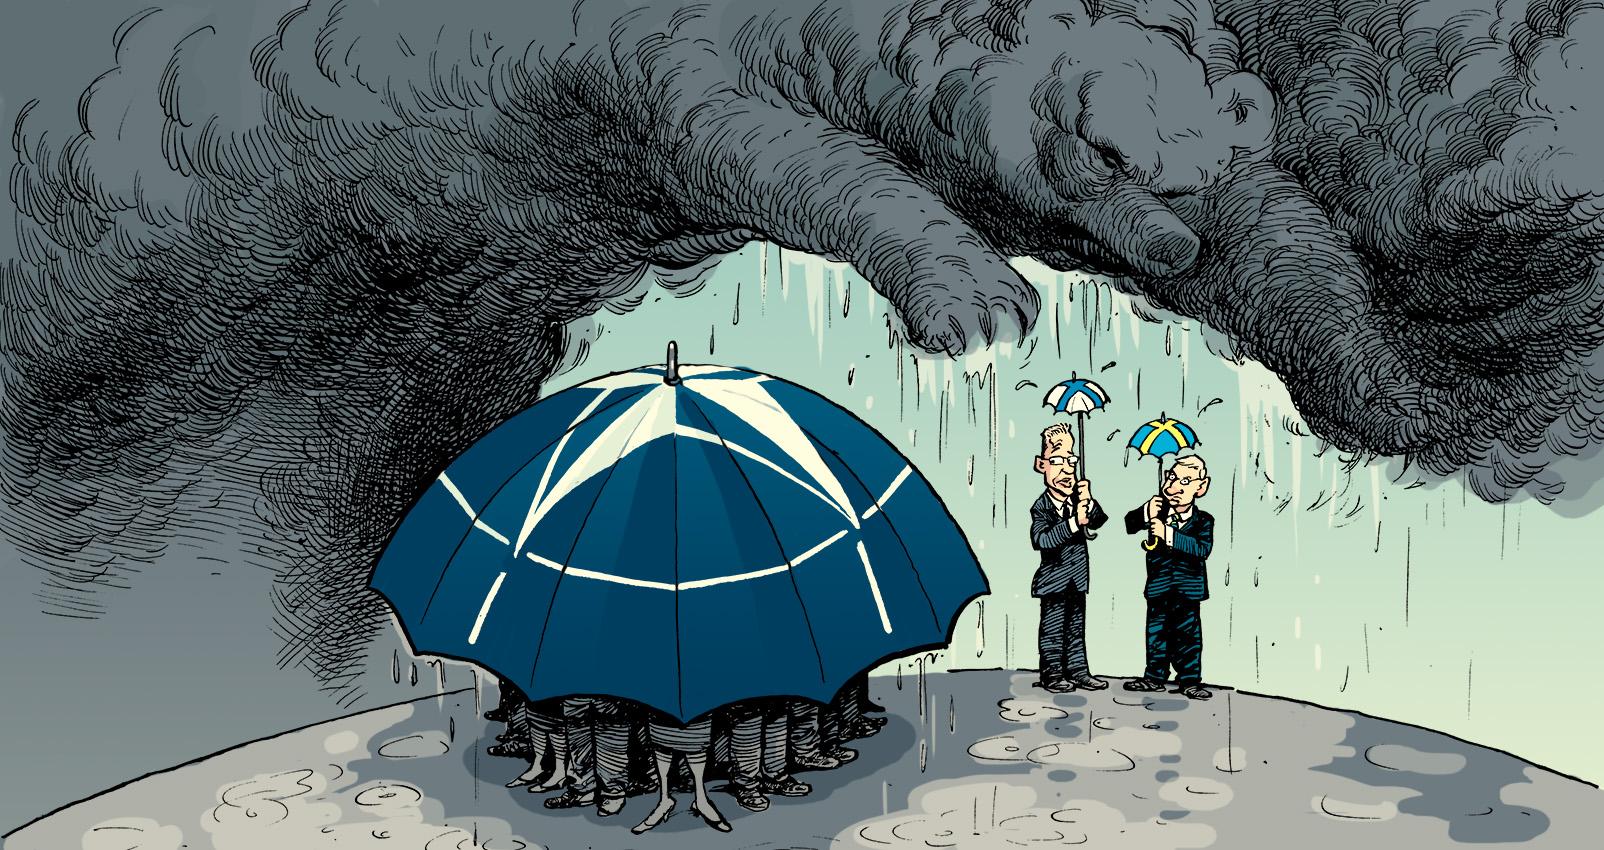 """<em>Finnland und Schweden außerhalb der NATO – für wie lange noch?</em><br>Der Cartoon von David Parkins erschien ursprünglich in <a href=""""http://www.economist.com/news/europe/21604586-russia-stokes-fresh-debate-among-nordics-about-nato-membership-what-price-neutrality"""" >The Economist</a>. <br>Verwendung mit freundlicher Genehmigung des Zeichners. Used with permission by David Parkins, originally published in <a href=""""http://www.economist.com/news/europe/21604586-russia-stokes-fresh-debate-among-nordics-about-nato-membership-what-price-neutrality"""" >The Economist</a>."""